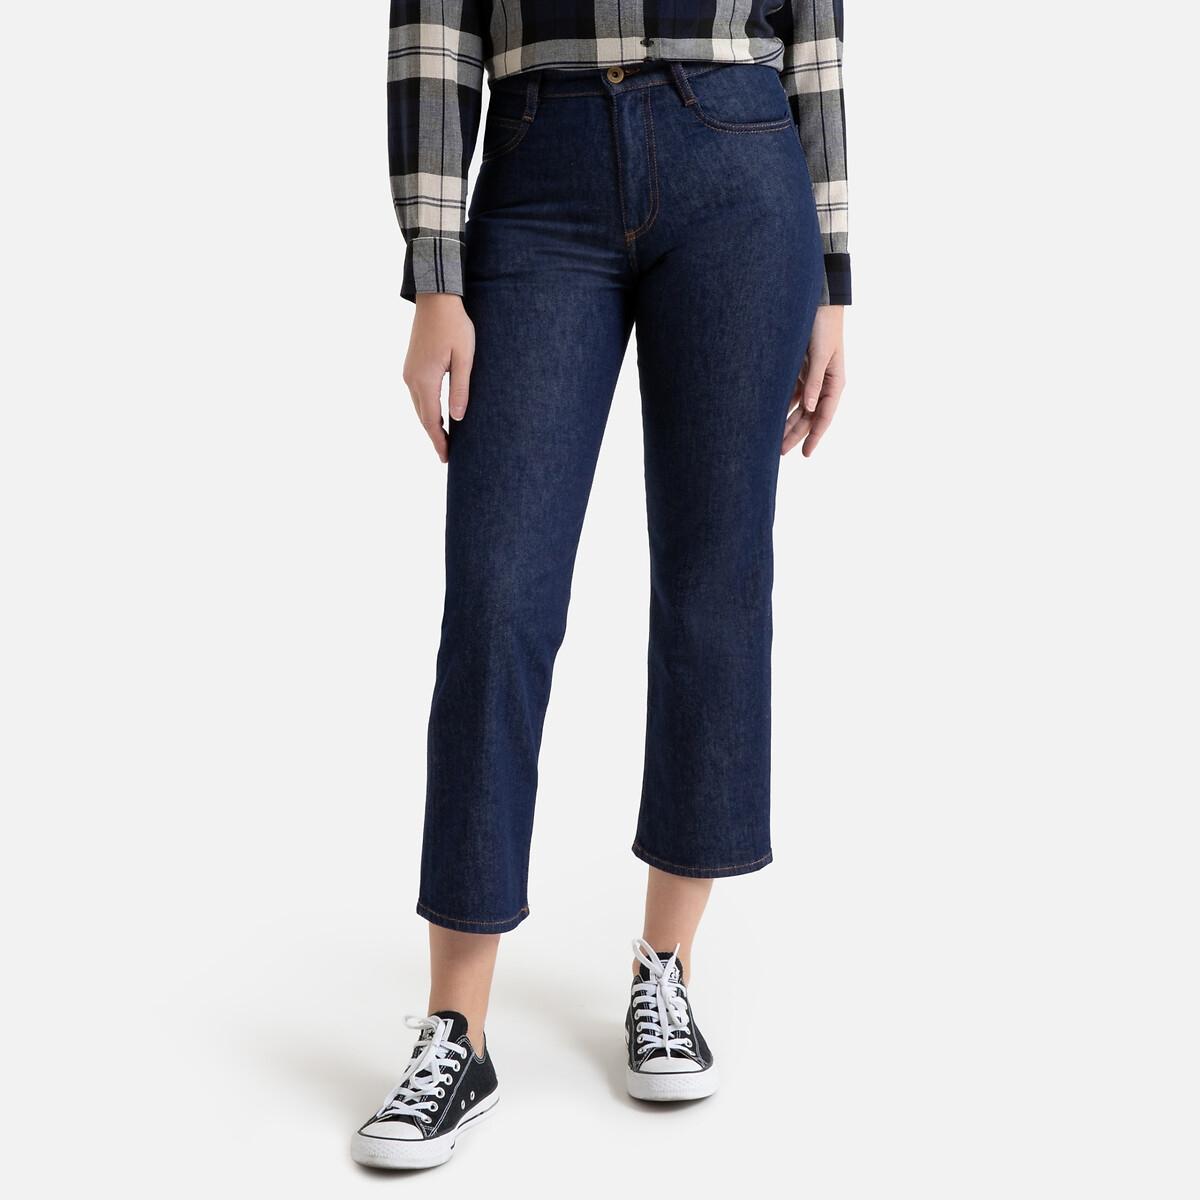 Джинсы La Redoute Широкие укороченные с завышенной талией 36 (FR) - 42 (RUS) синий джинсы la redoute узкие для периода беременности 36 fr 42 rus серый